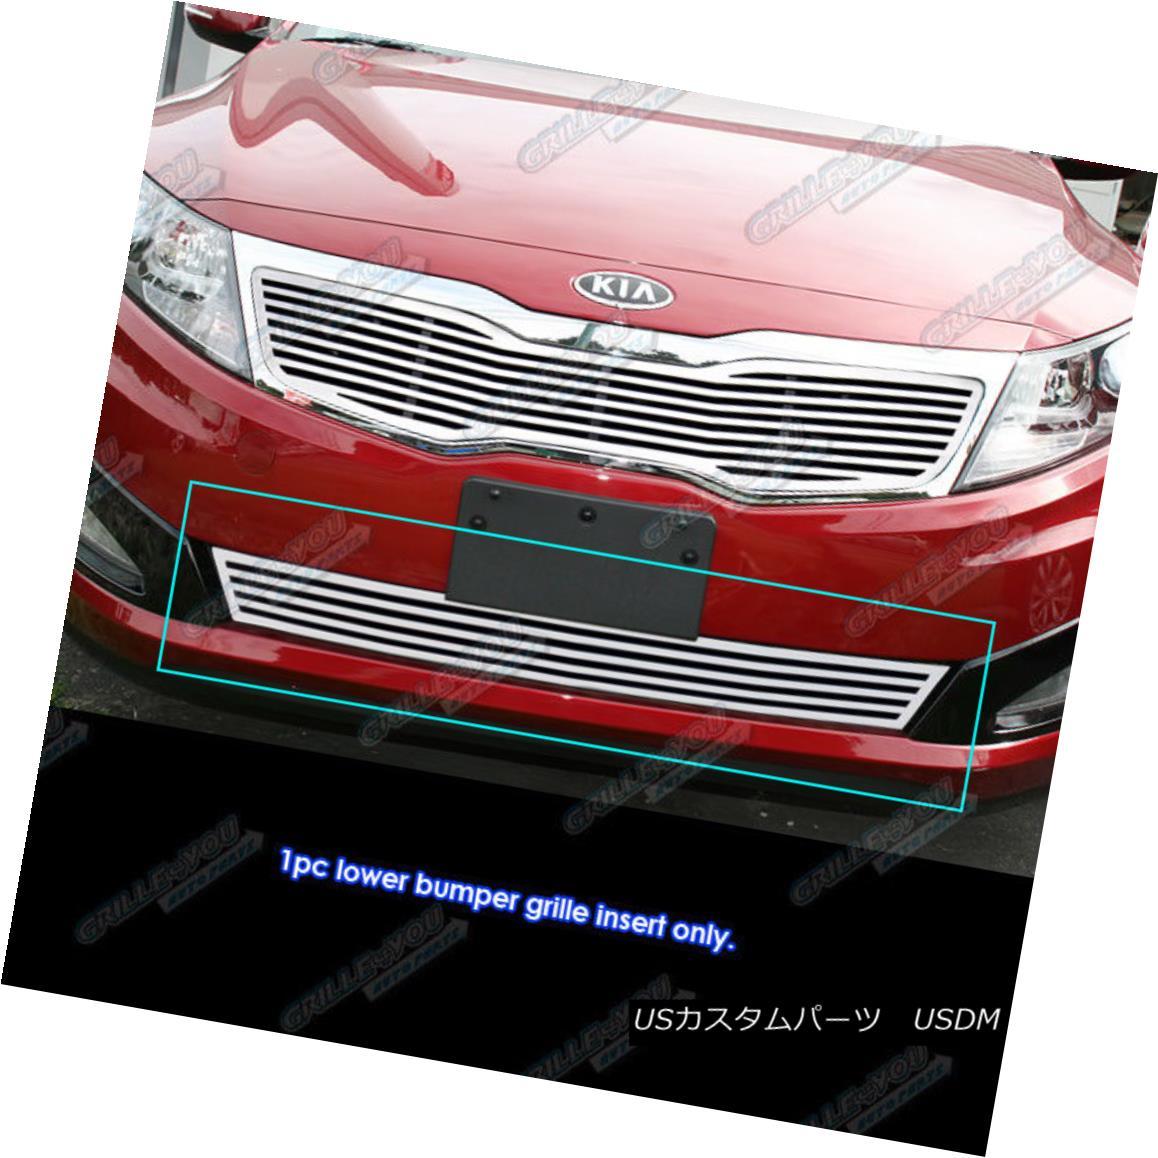 グリル Fits 2011-2013 Kia Optima Bumper Perimeter Grille Grill Insert フィット2011-2013キアオプティマバンパーペリメーターグリルグリルインサート